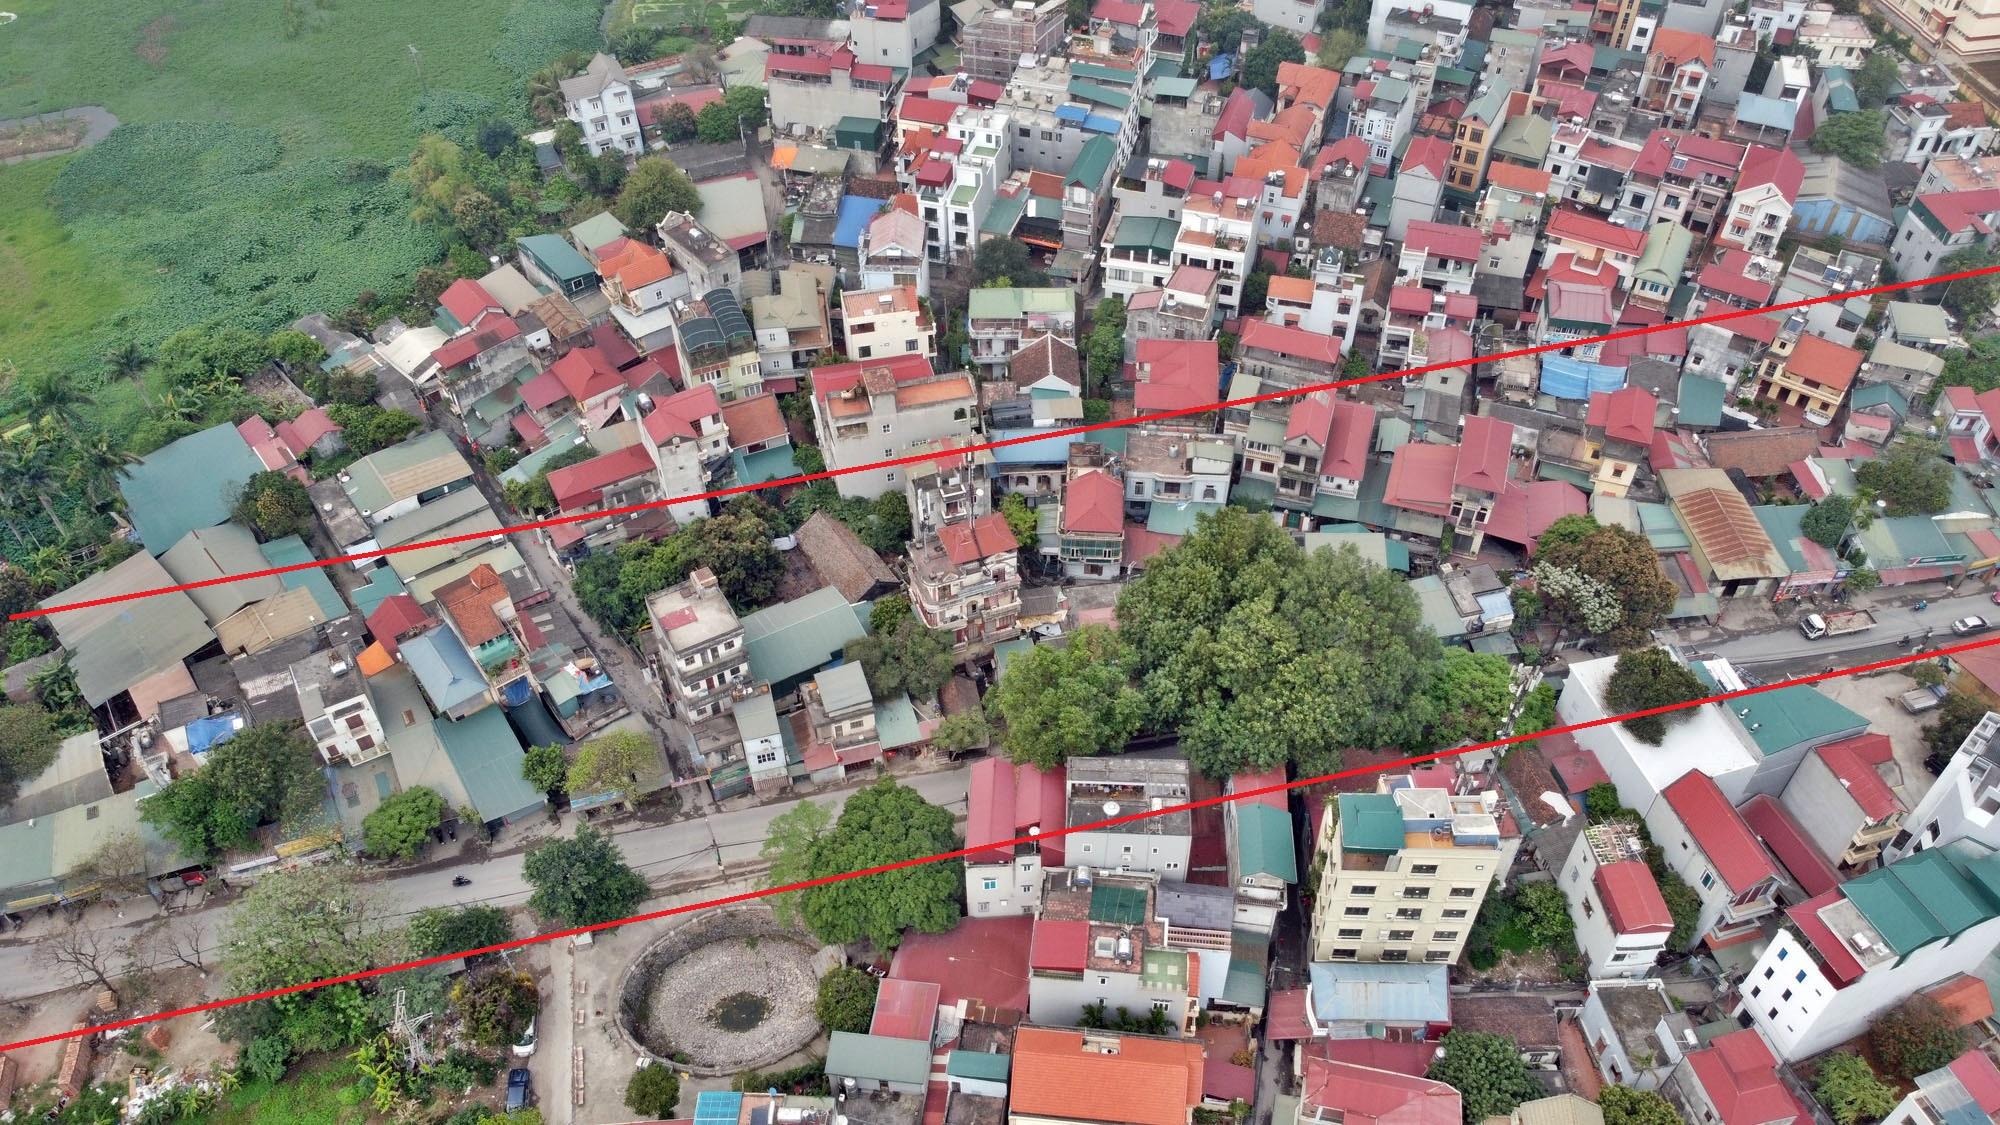 Những khu đất sắp thu hồi để mở đường ở phường Phương Canh, Nam Từ Liêm, Hà Nội (phần 1) - Ảnh 15.